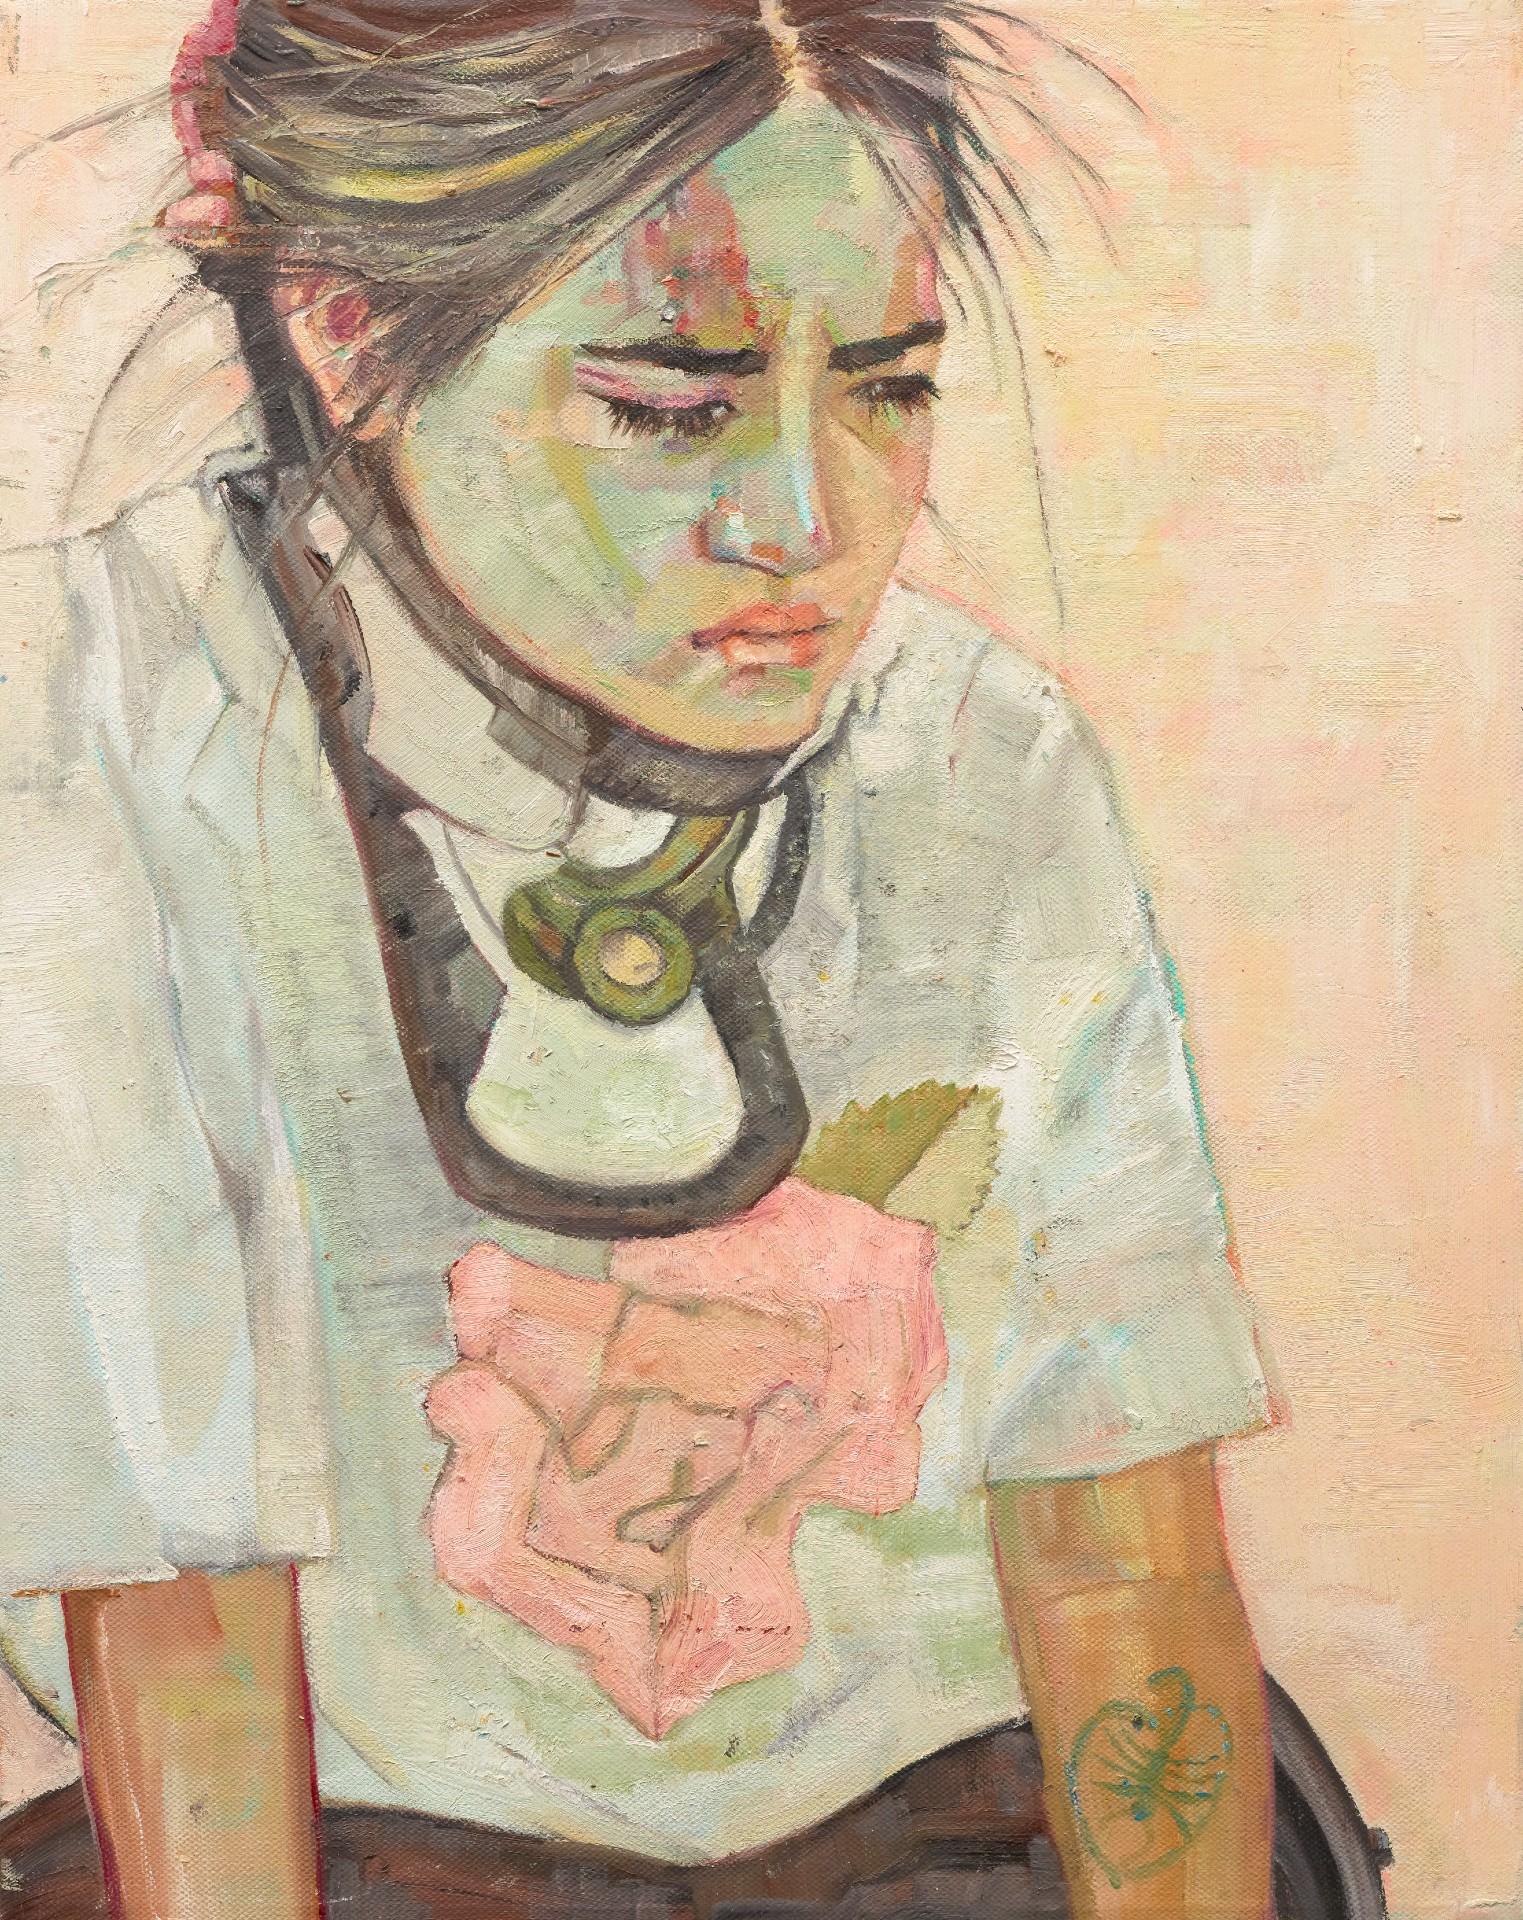 A painting of artist Visaya Hoffie in a neck brace, looking downcast